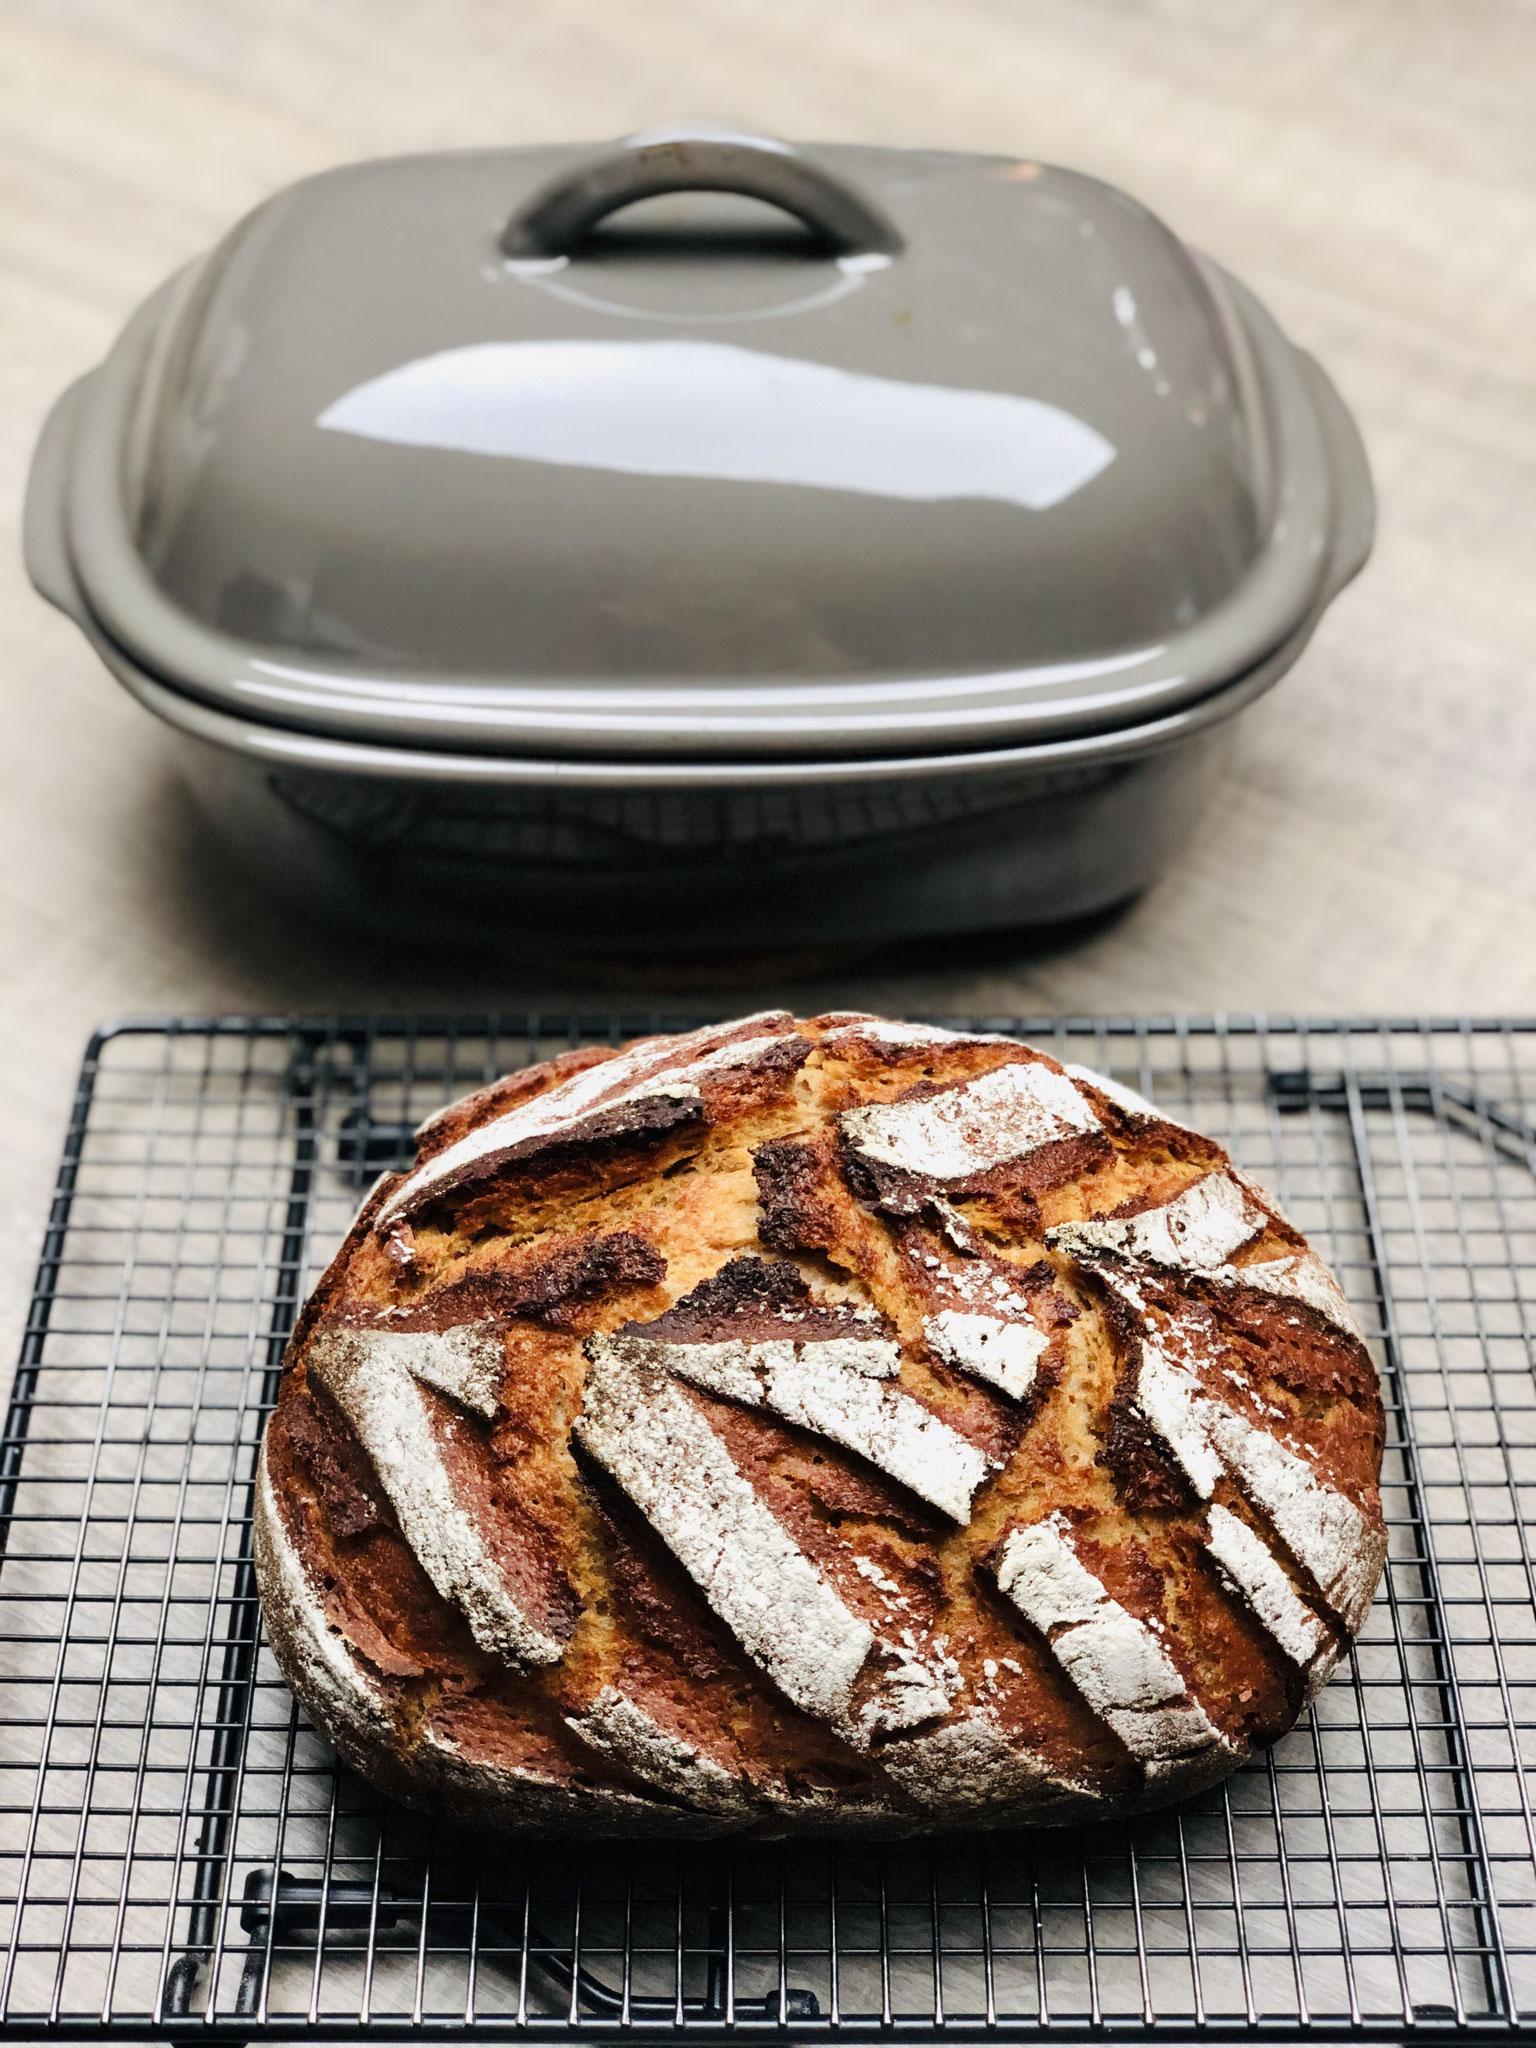 Mein Ofenmeister ist ein Allrounder in meiner Küche...Schmorrgerichte, Brote, Aufläufe, Suppen - hach der kann so gut wie alles ♥!♥♥